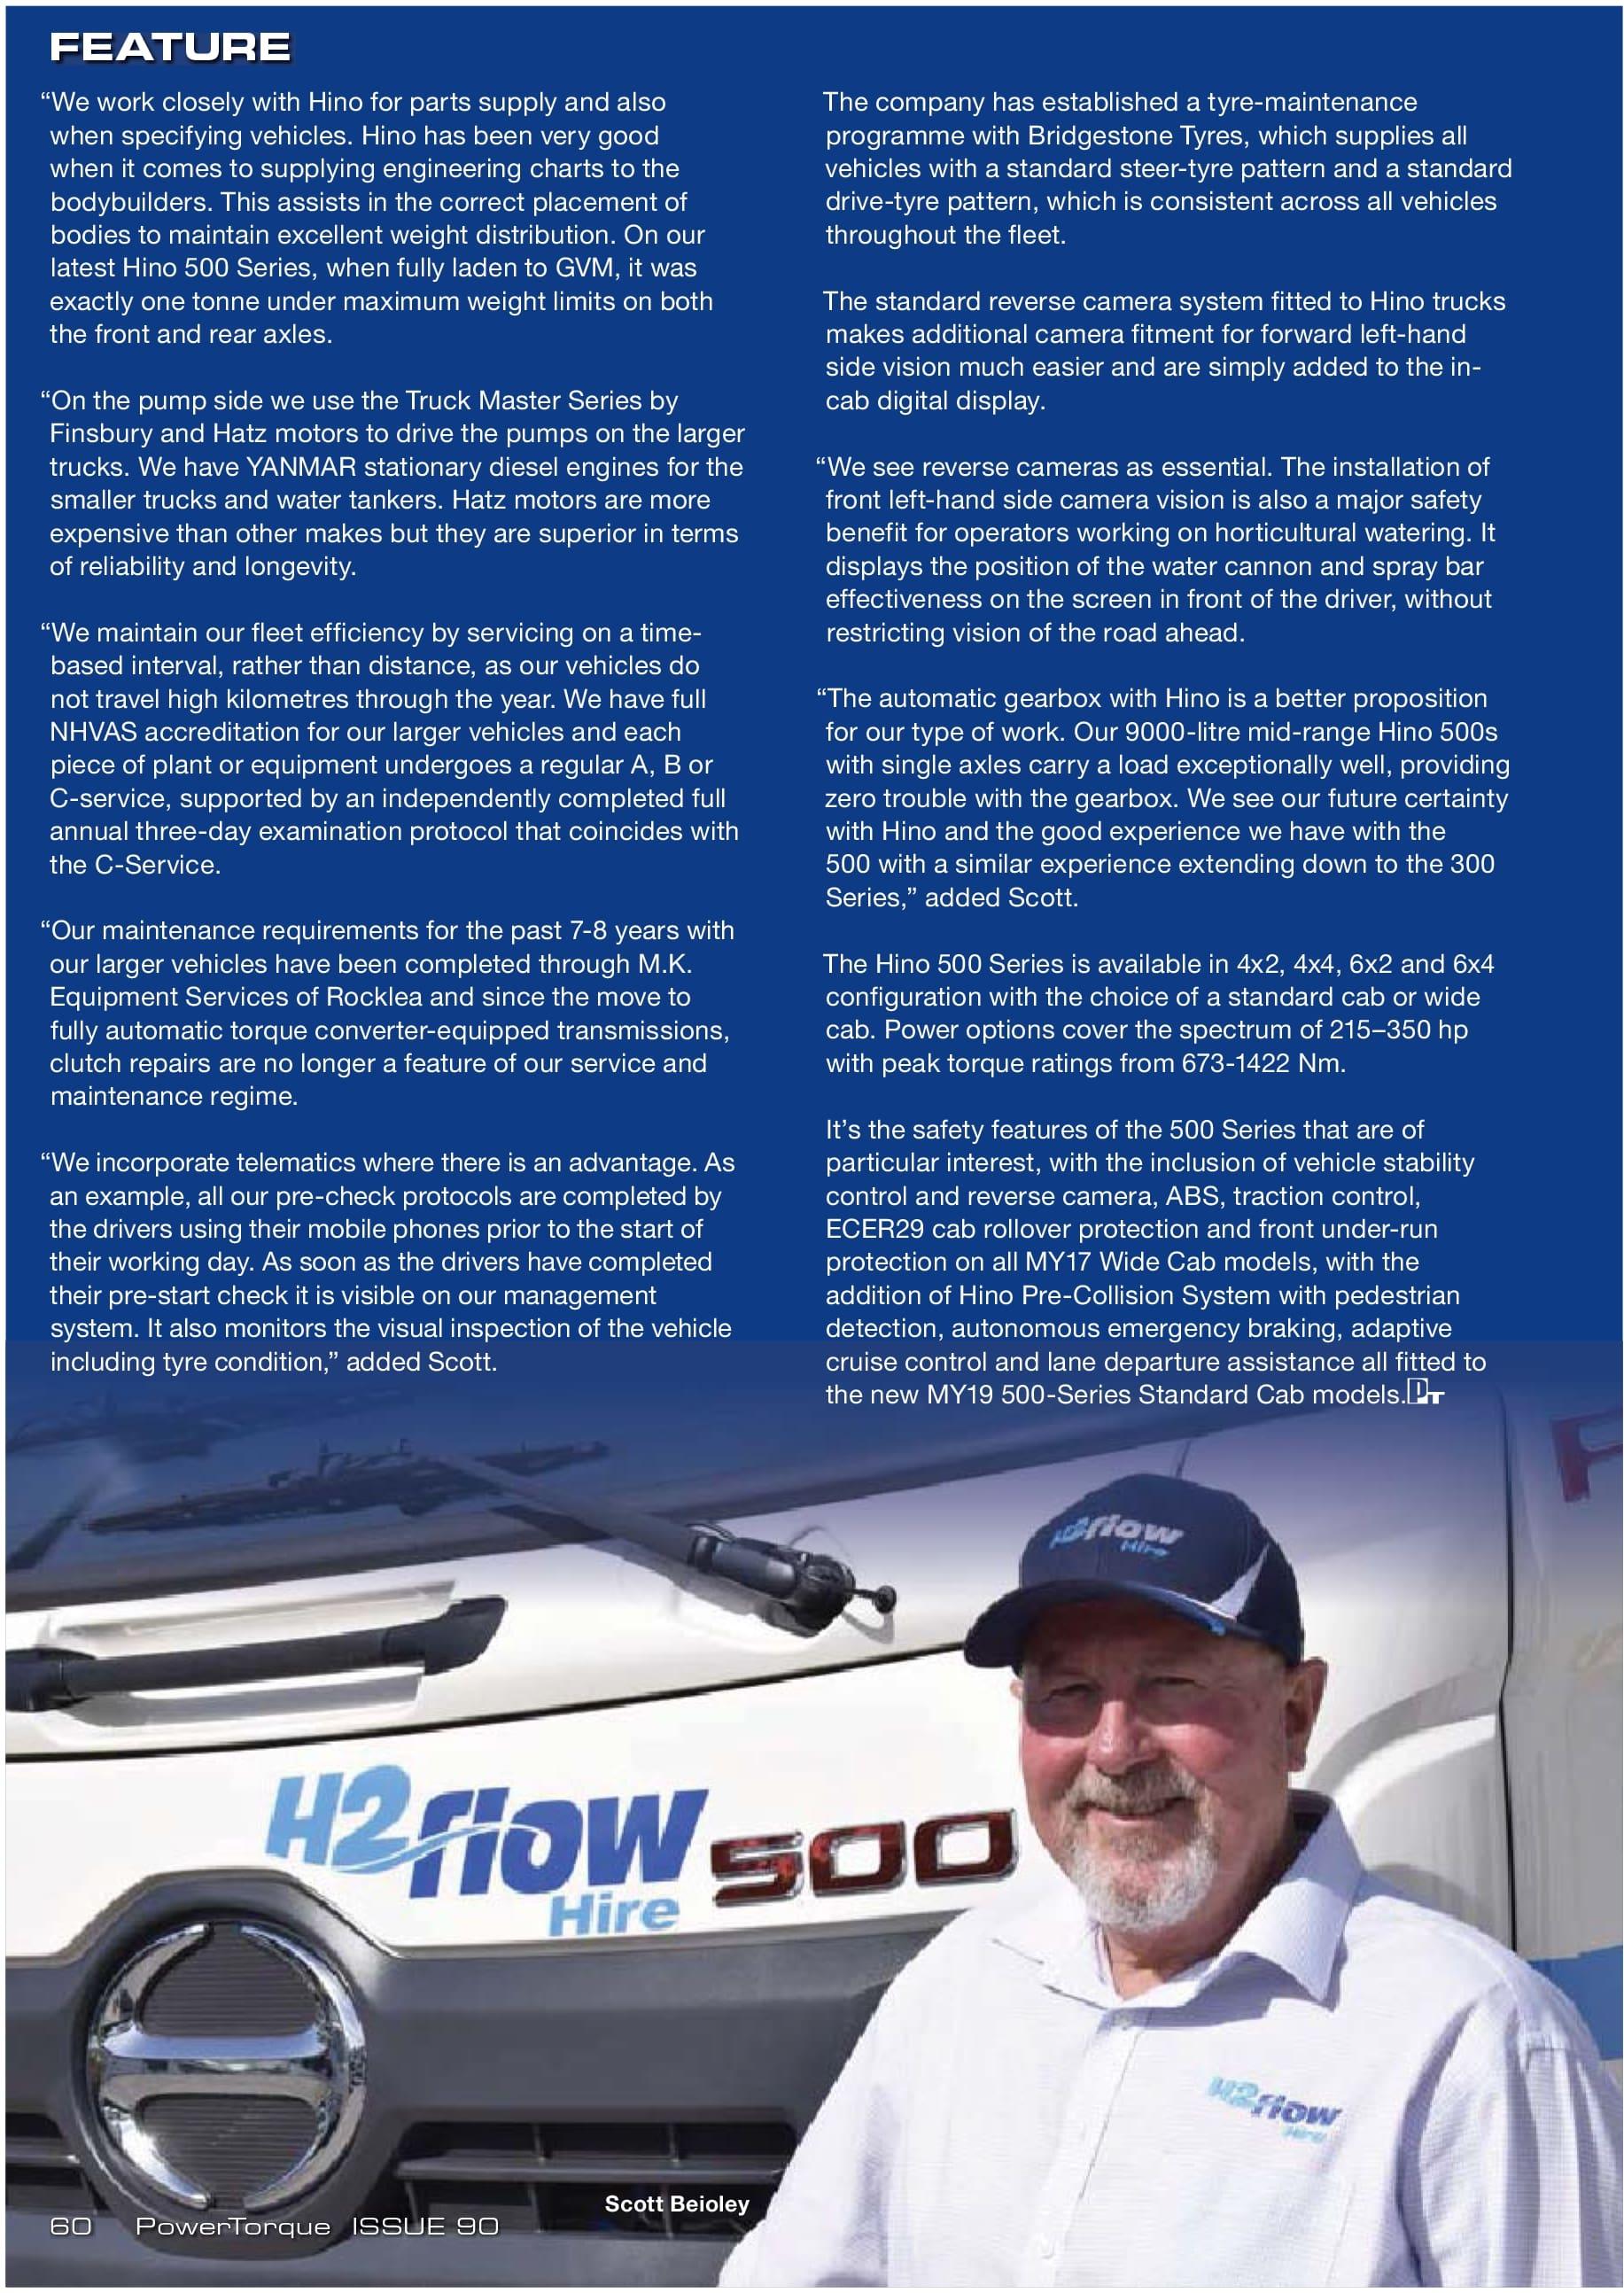 h2flow-magazine-3-queensland